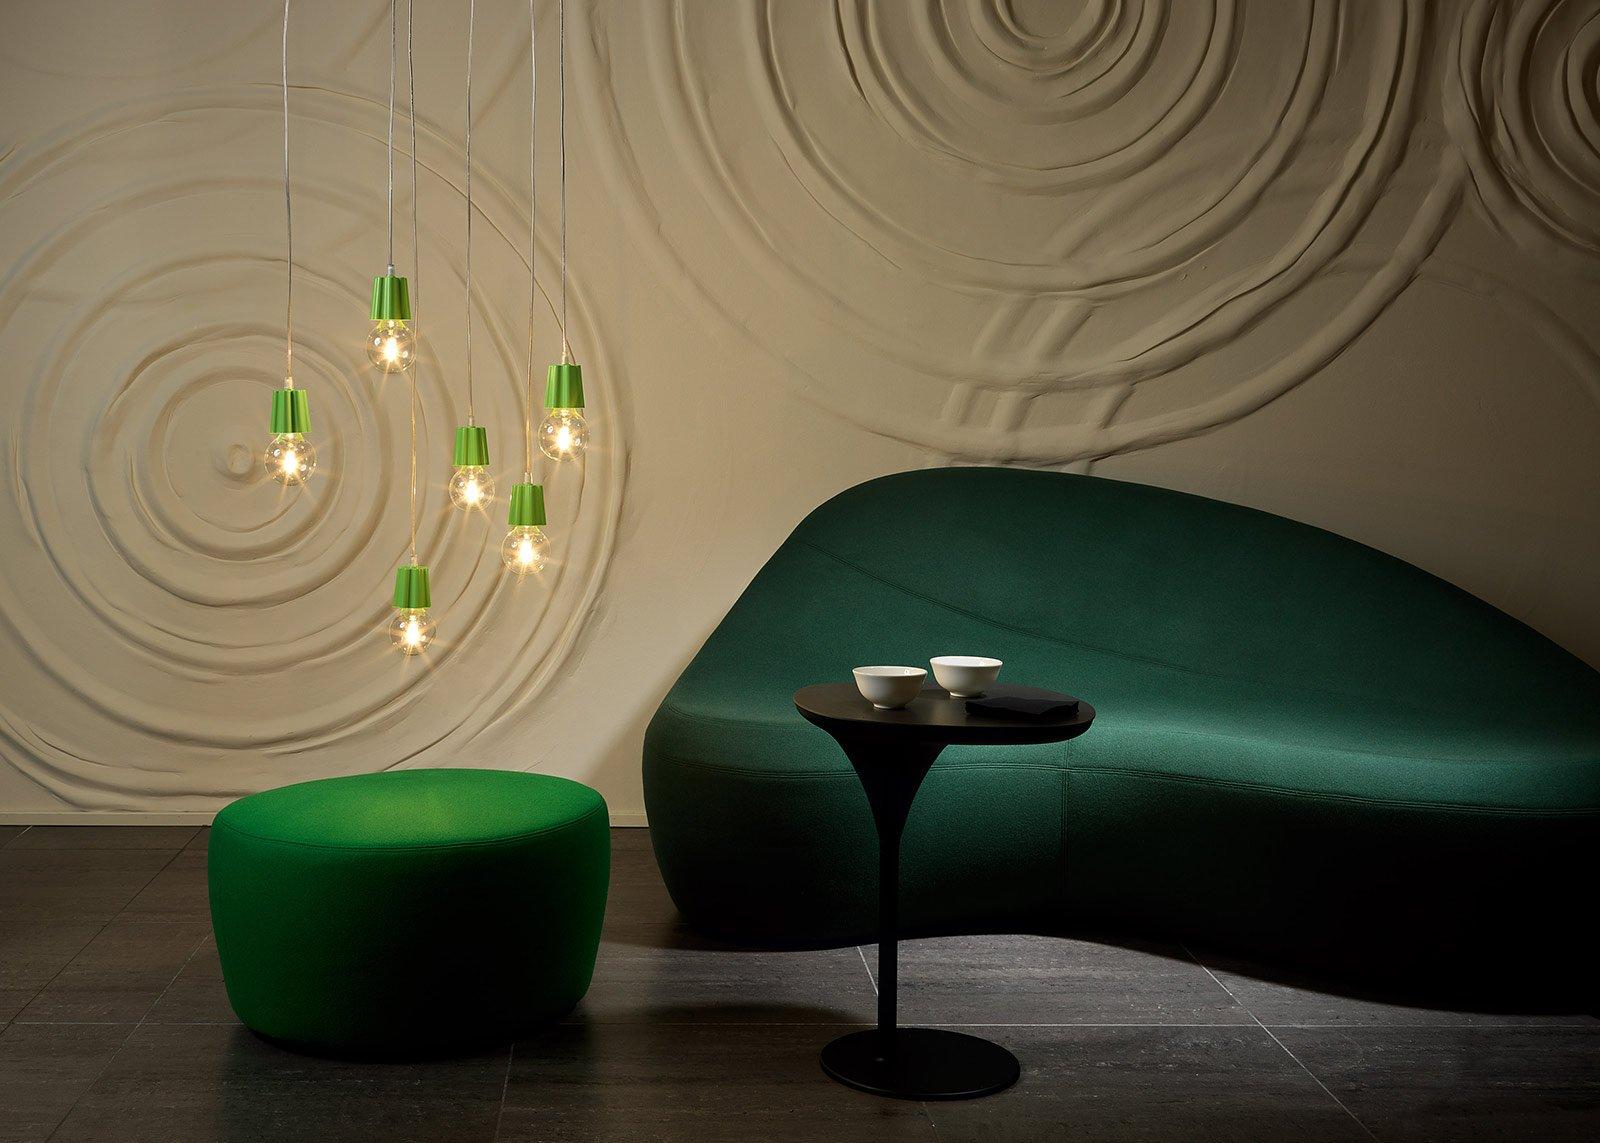 Lampade a sospensione anche low cost cose di casa - Lampade design low cost ...